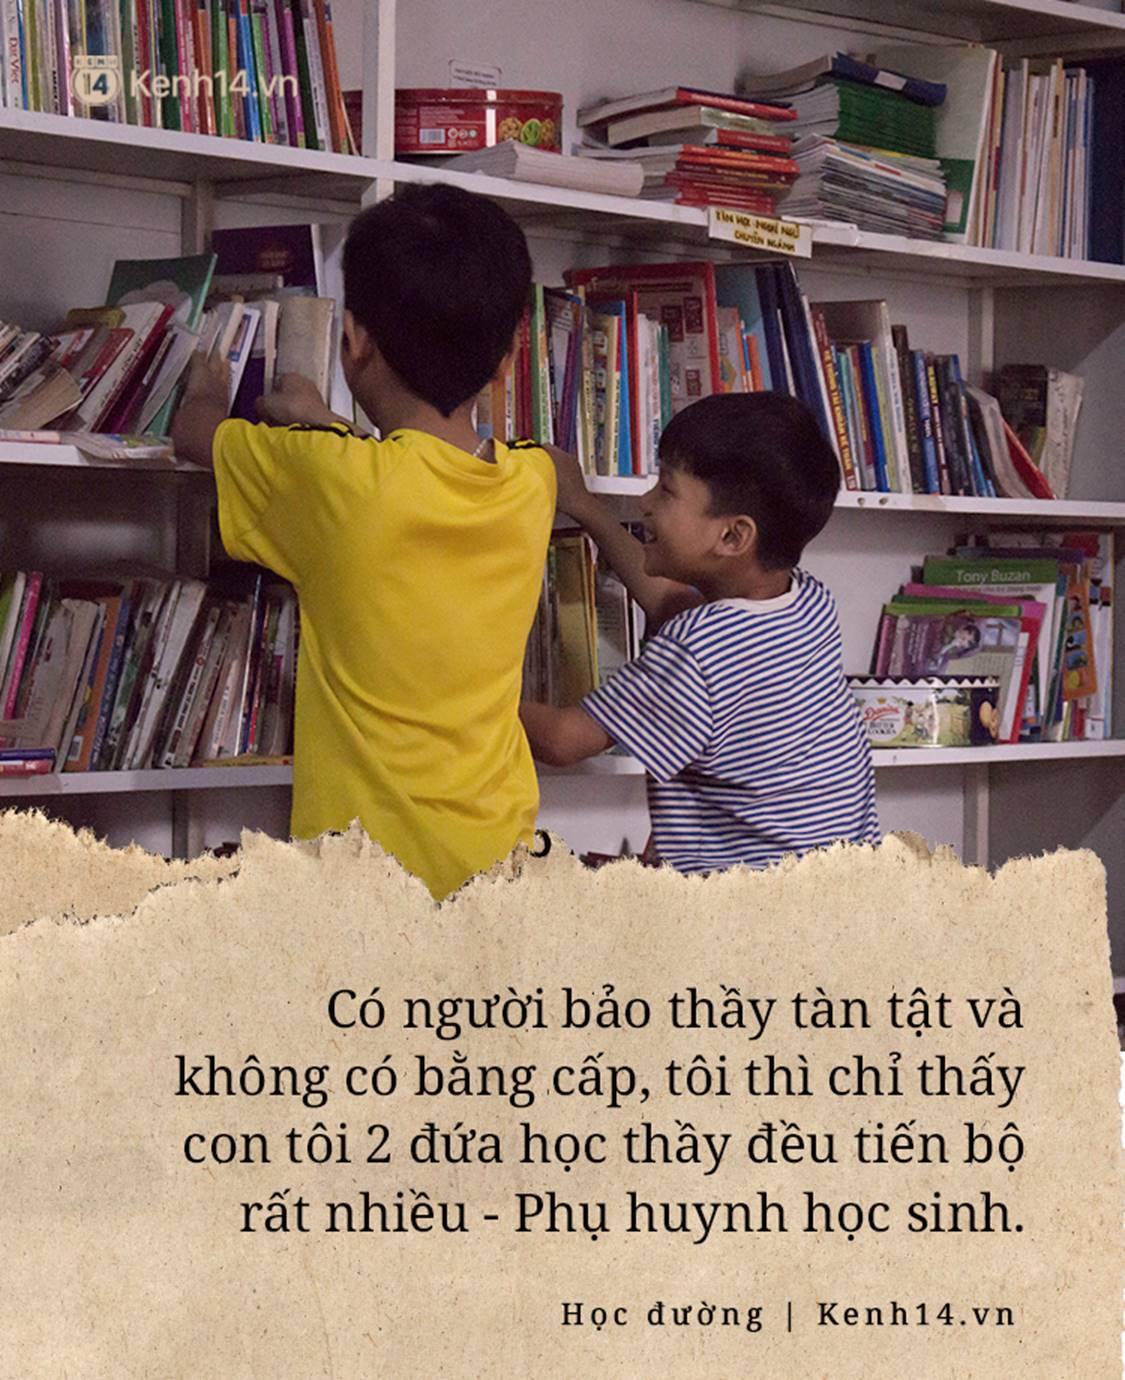 Chuyện về người thầy liệt tay chân, viết chữ bằng miệng vẫn dạy học cho trẻ em nghèo: Tôi không đi chữa bệnh vì có xu nào dành hết cho con ăn học-8